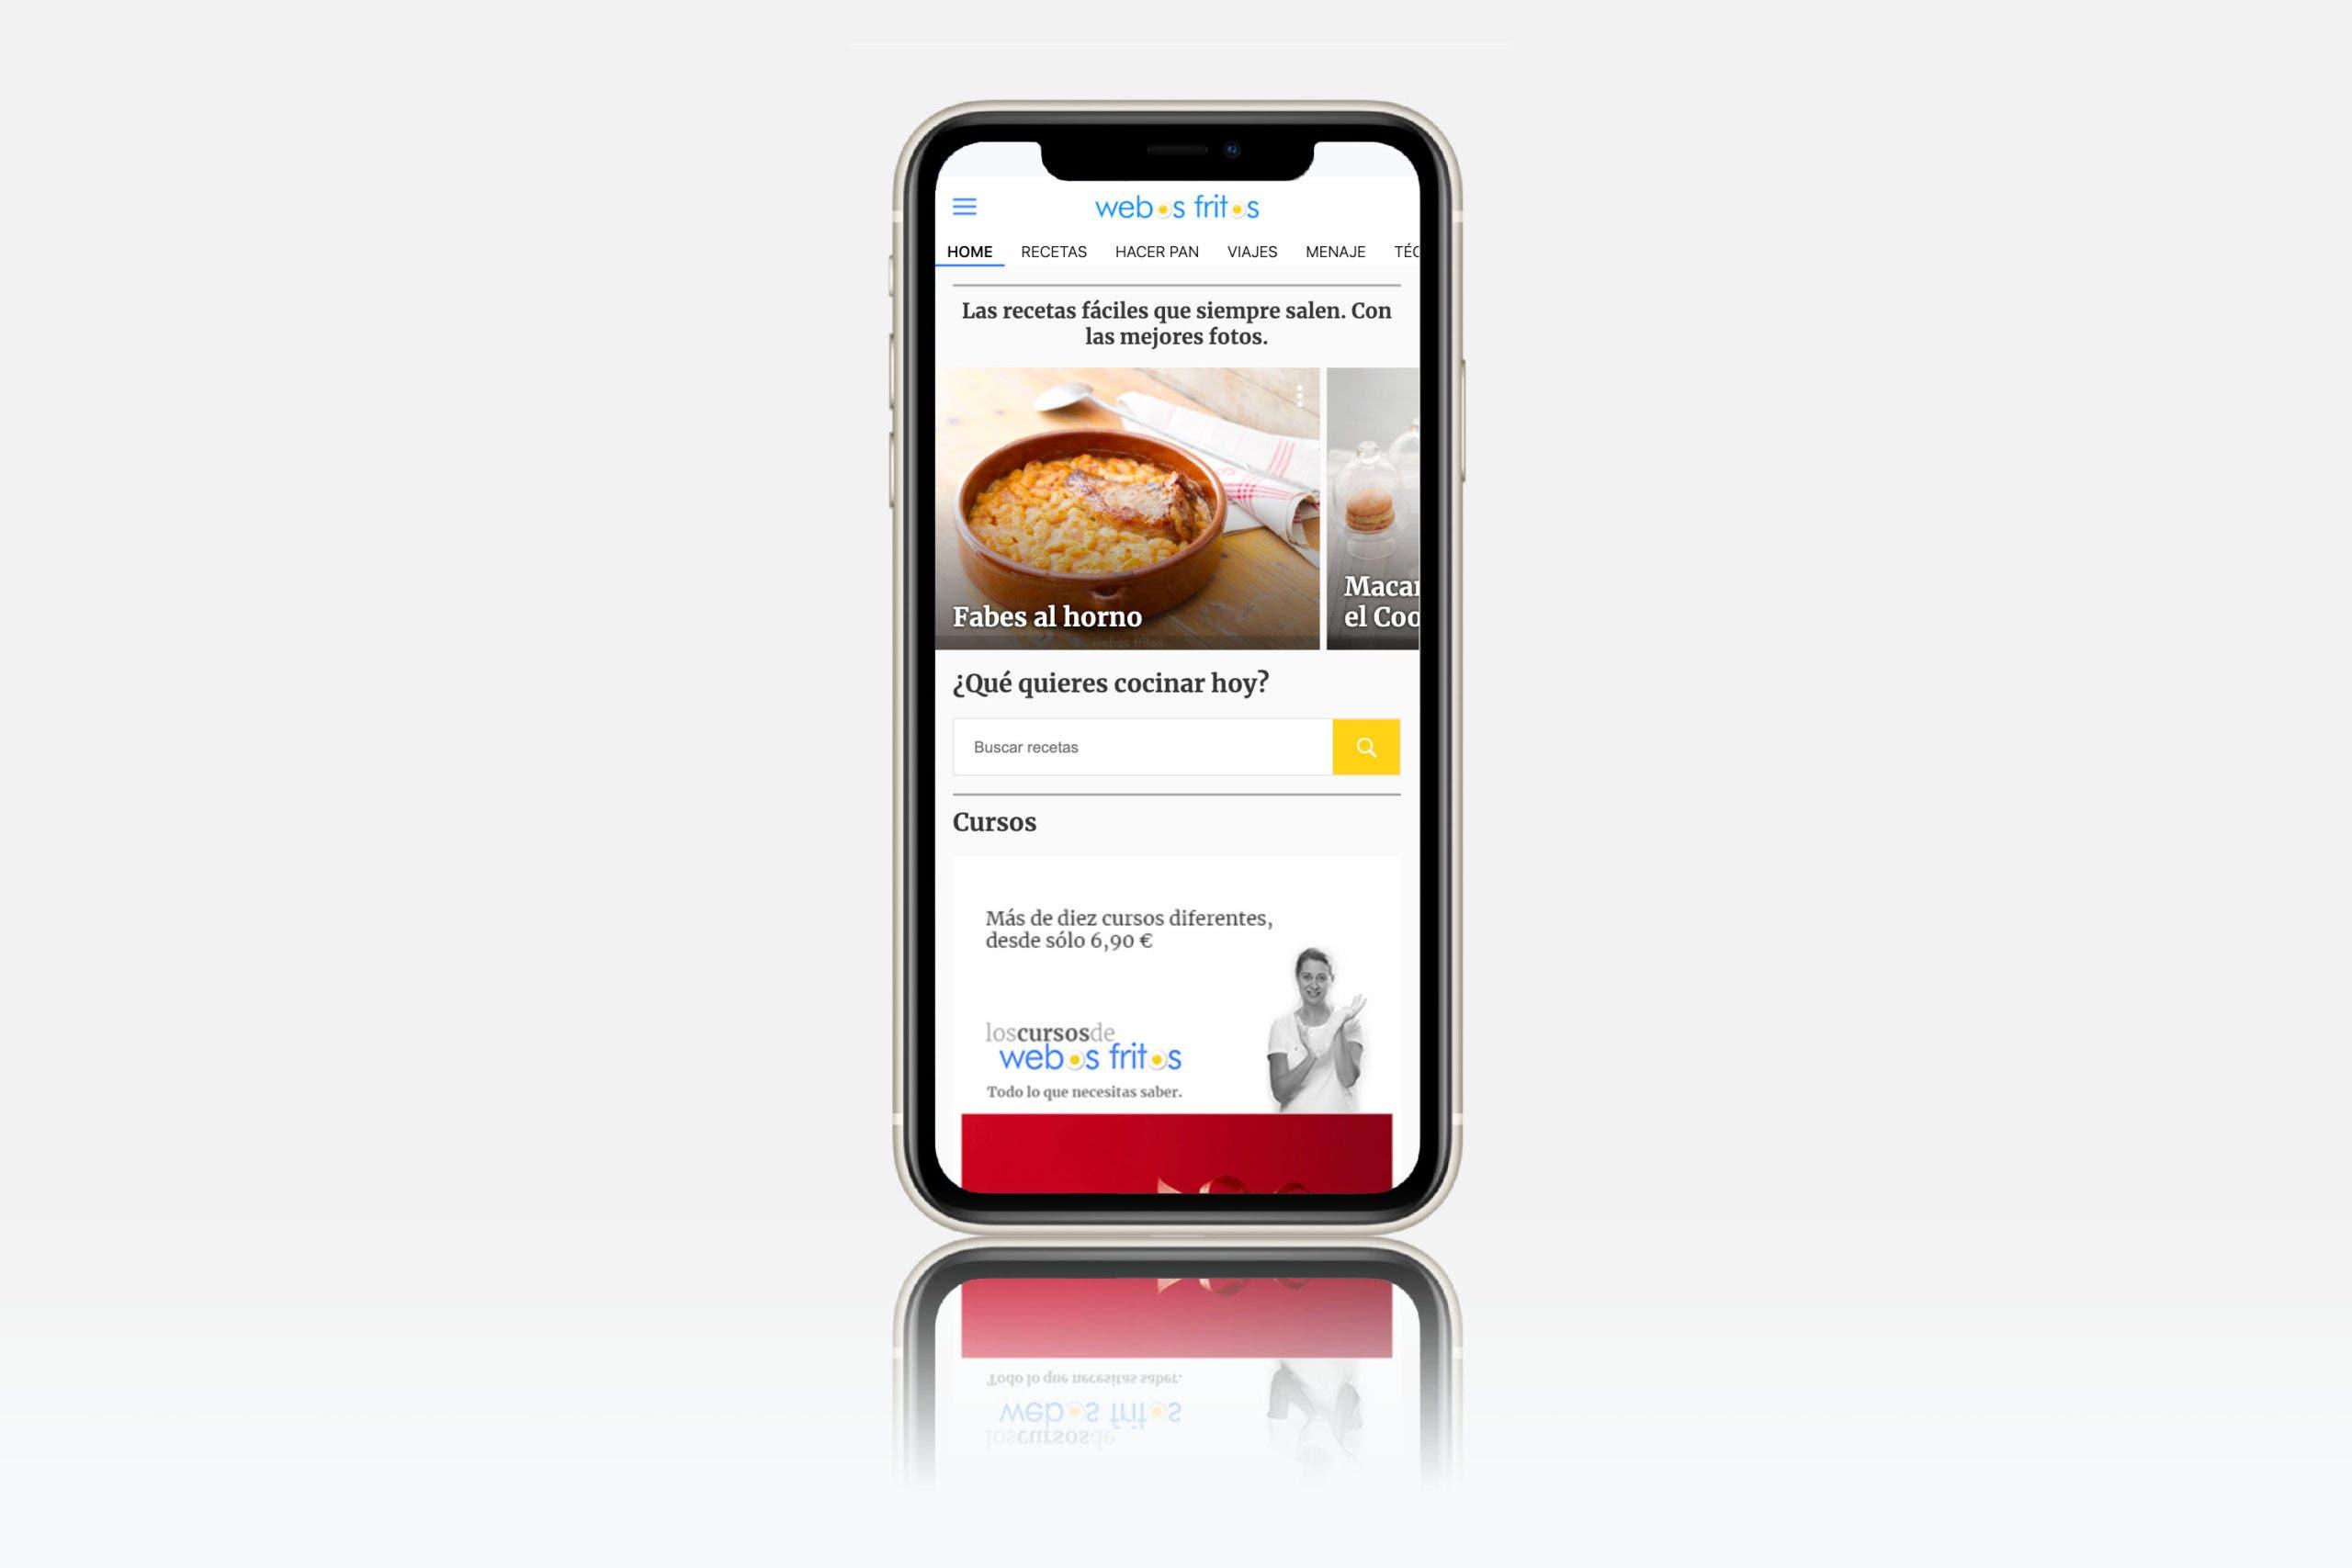 Nueva versión webos fritos para móviles